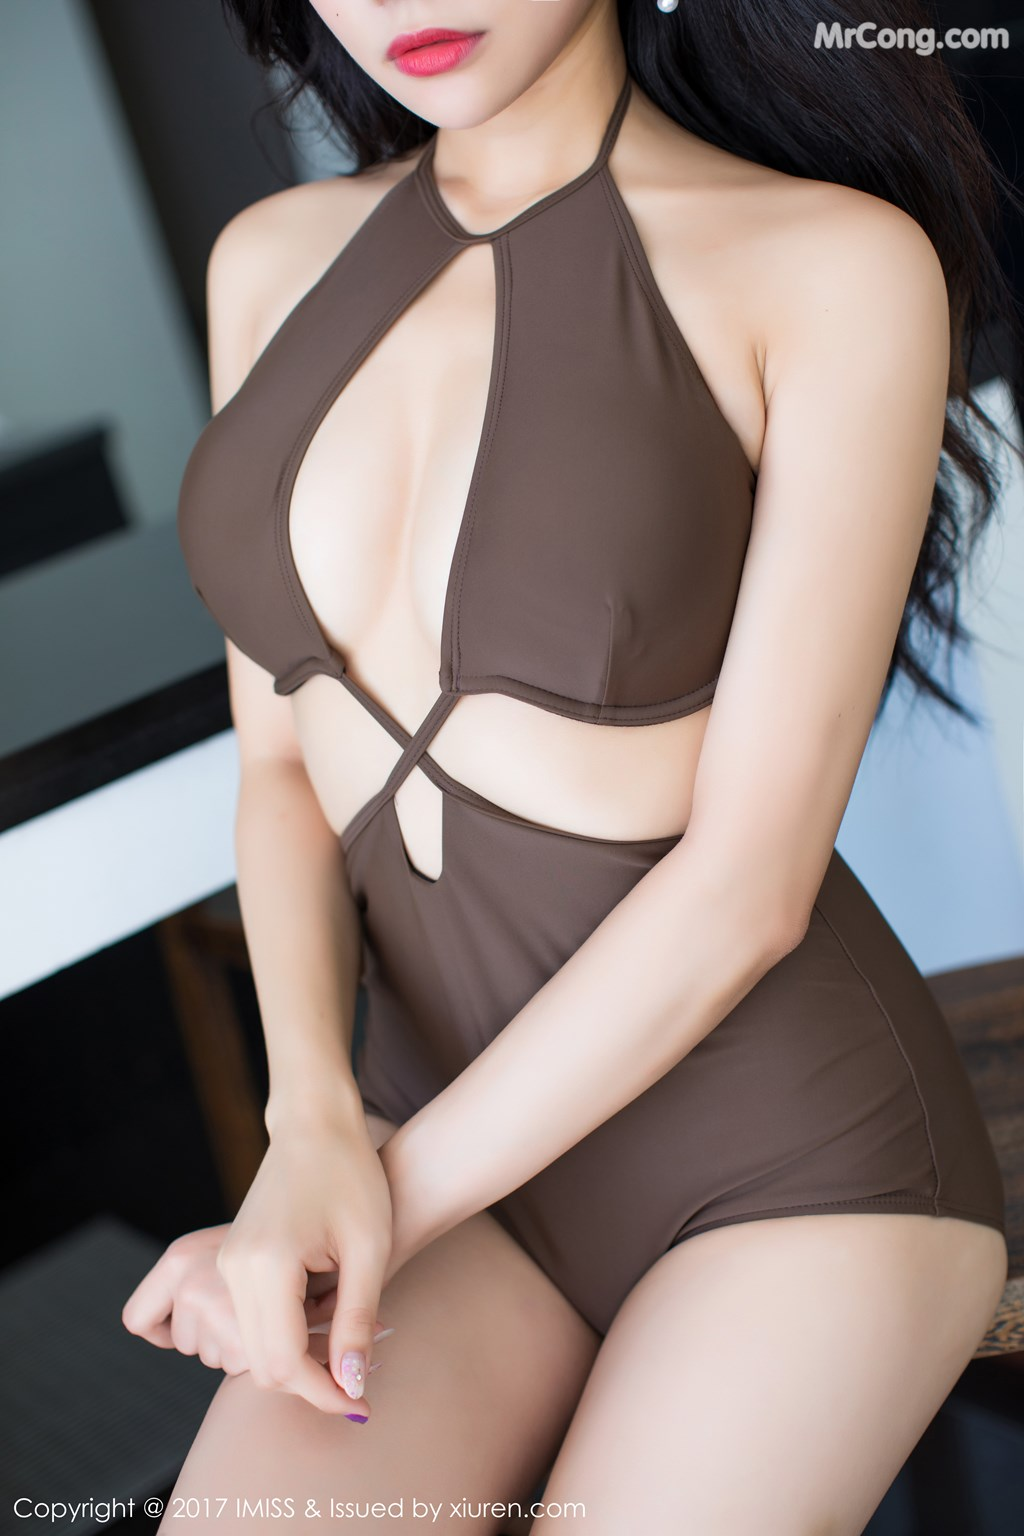 Image IMISS-Vol.202-Xiao-Hu-Li-Sica-MrCong.com-006 in post IMISS Vol.202: Người mẫu Xiao Hu Li (小狐狸Sica) (67 ảnh)